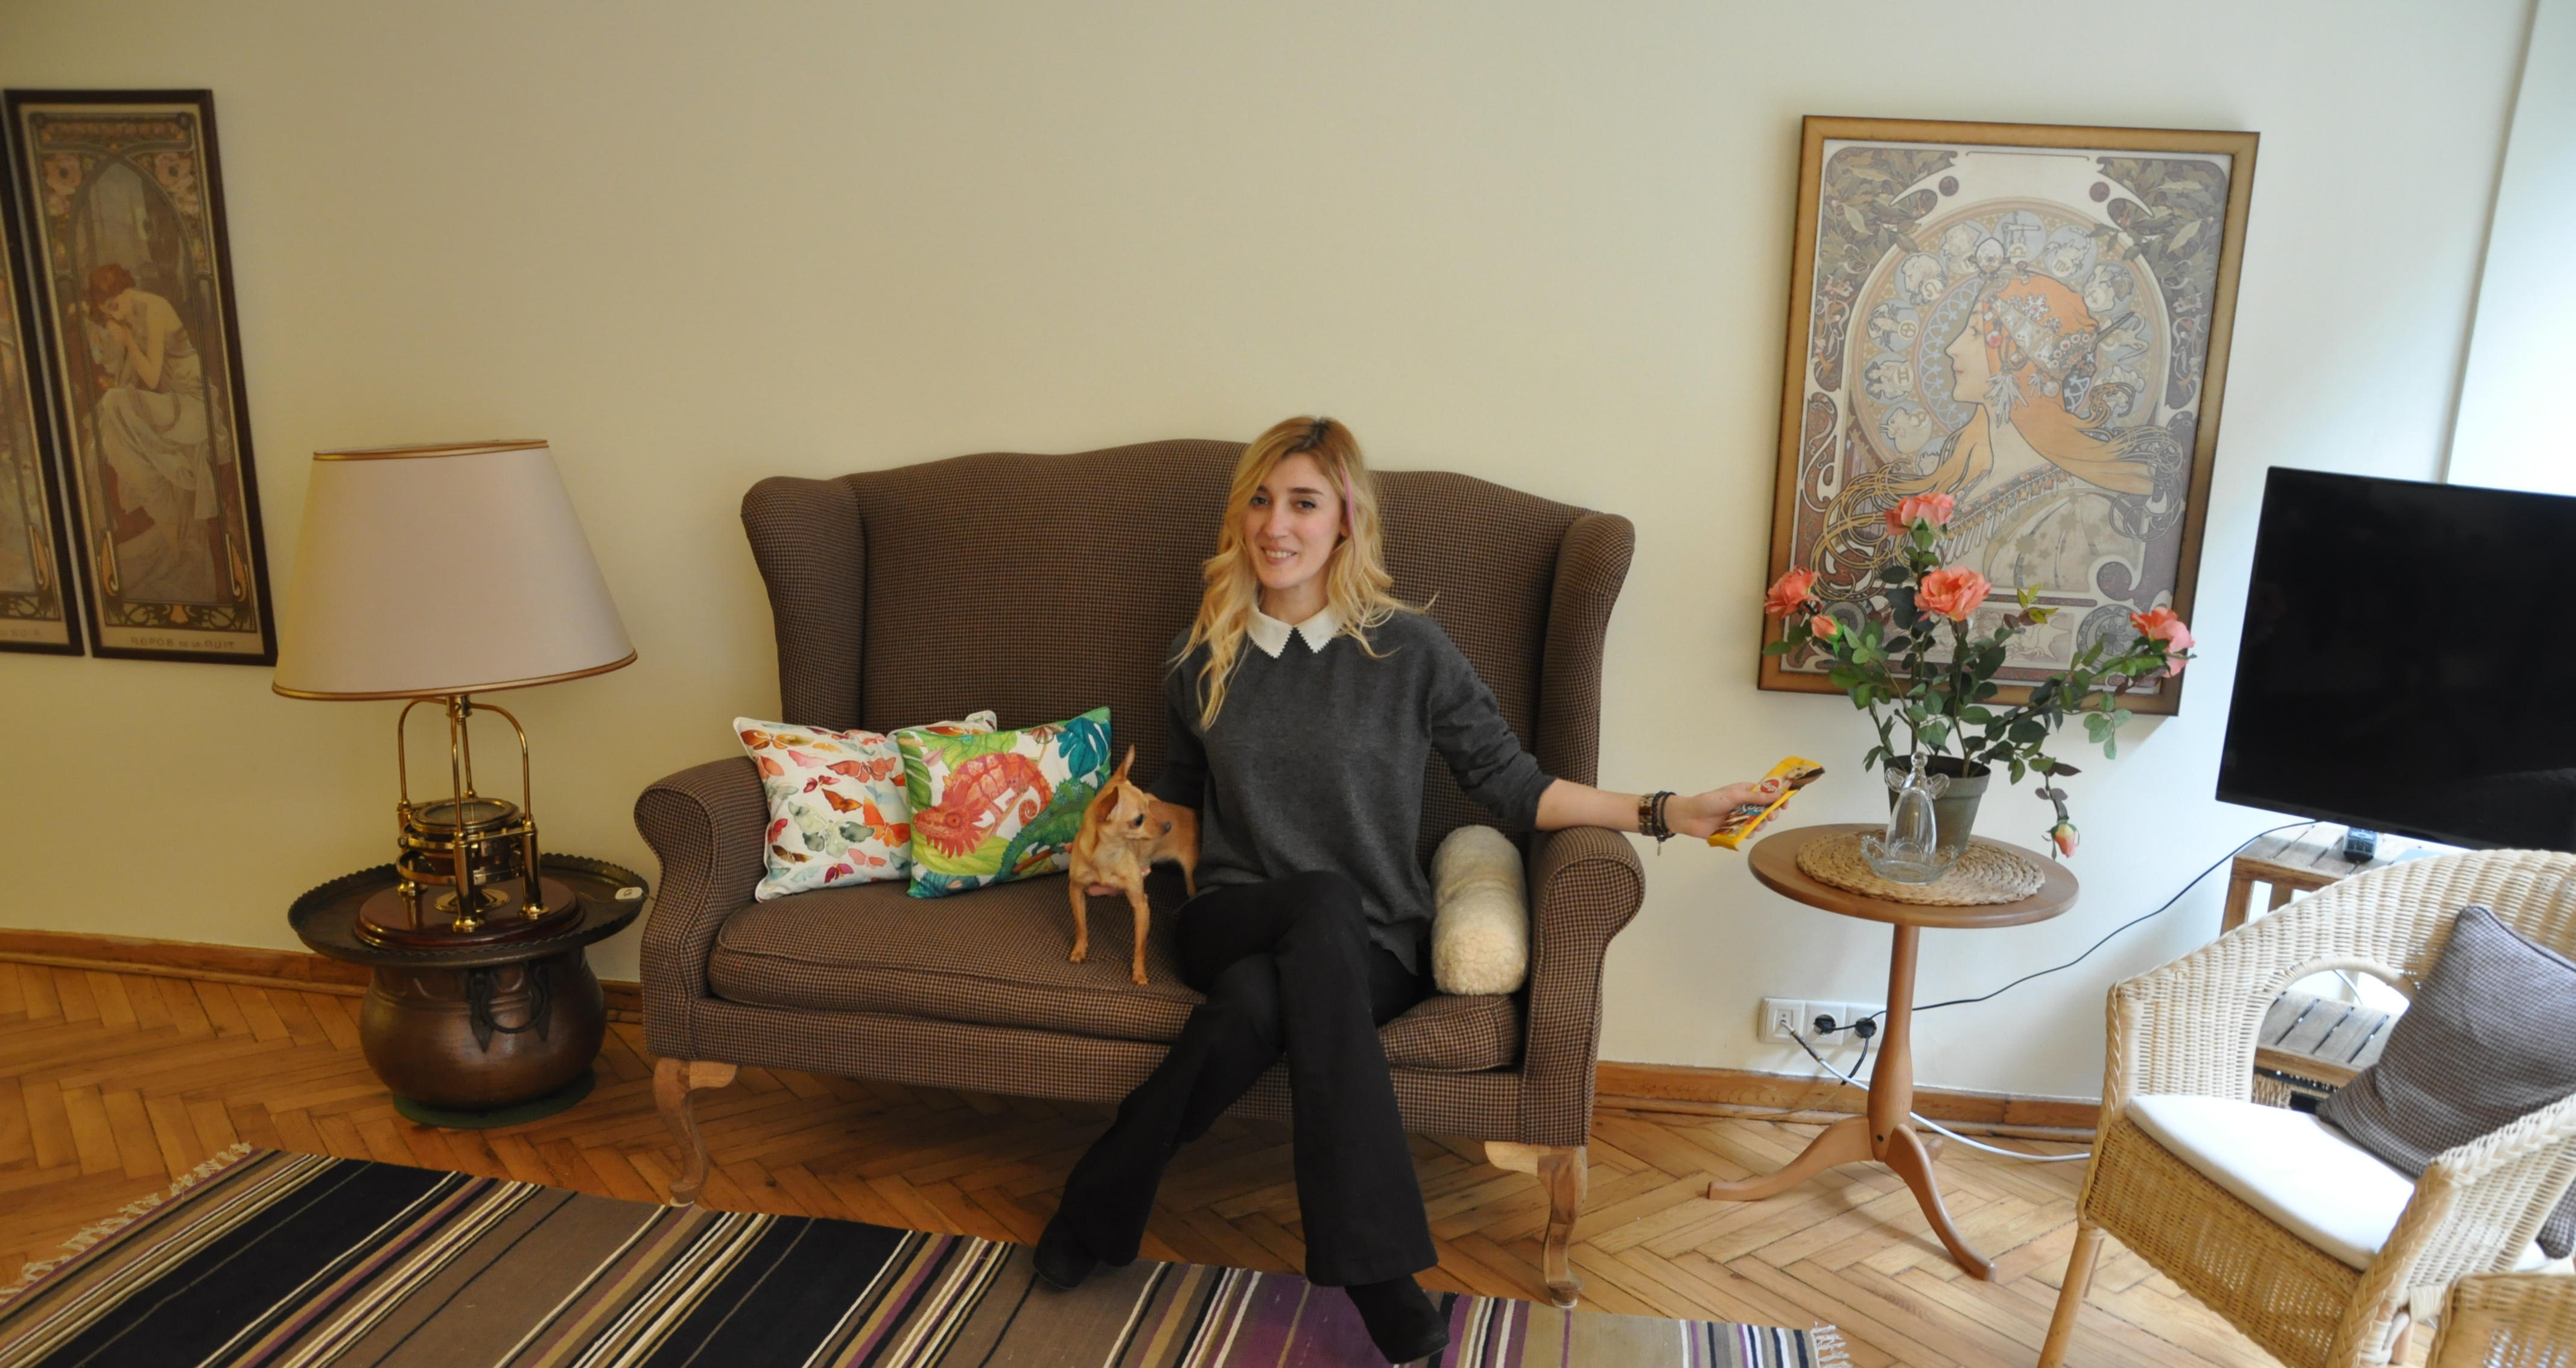 misafirlik köpegimle misafirlikteyim ne yapmalıyım burcu ozcan chihuahua mira  11